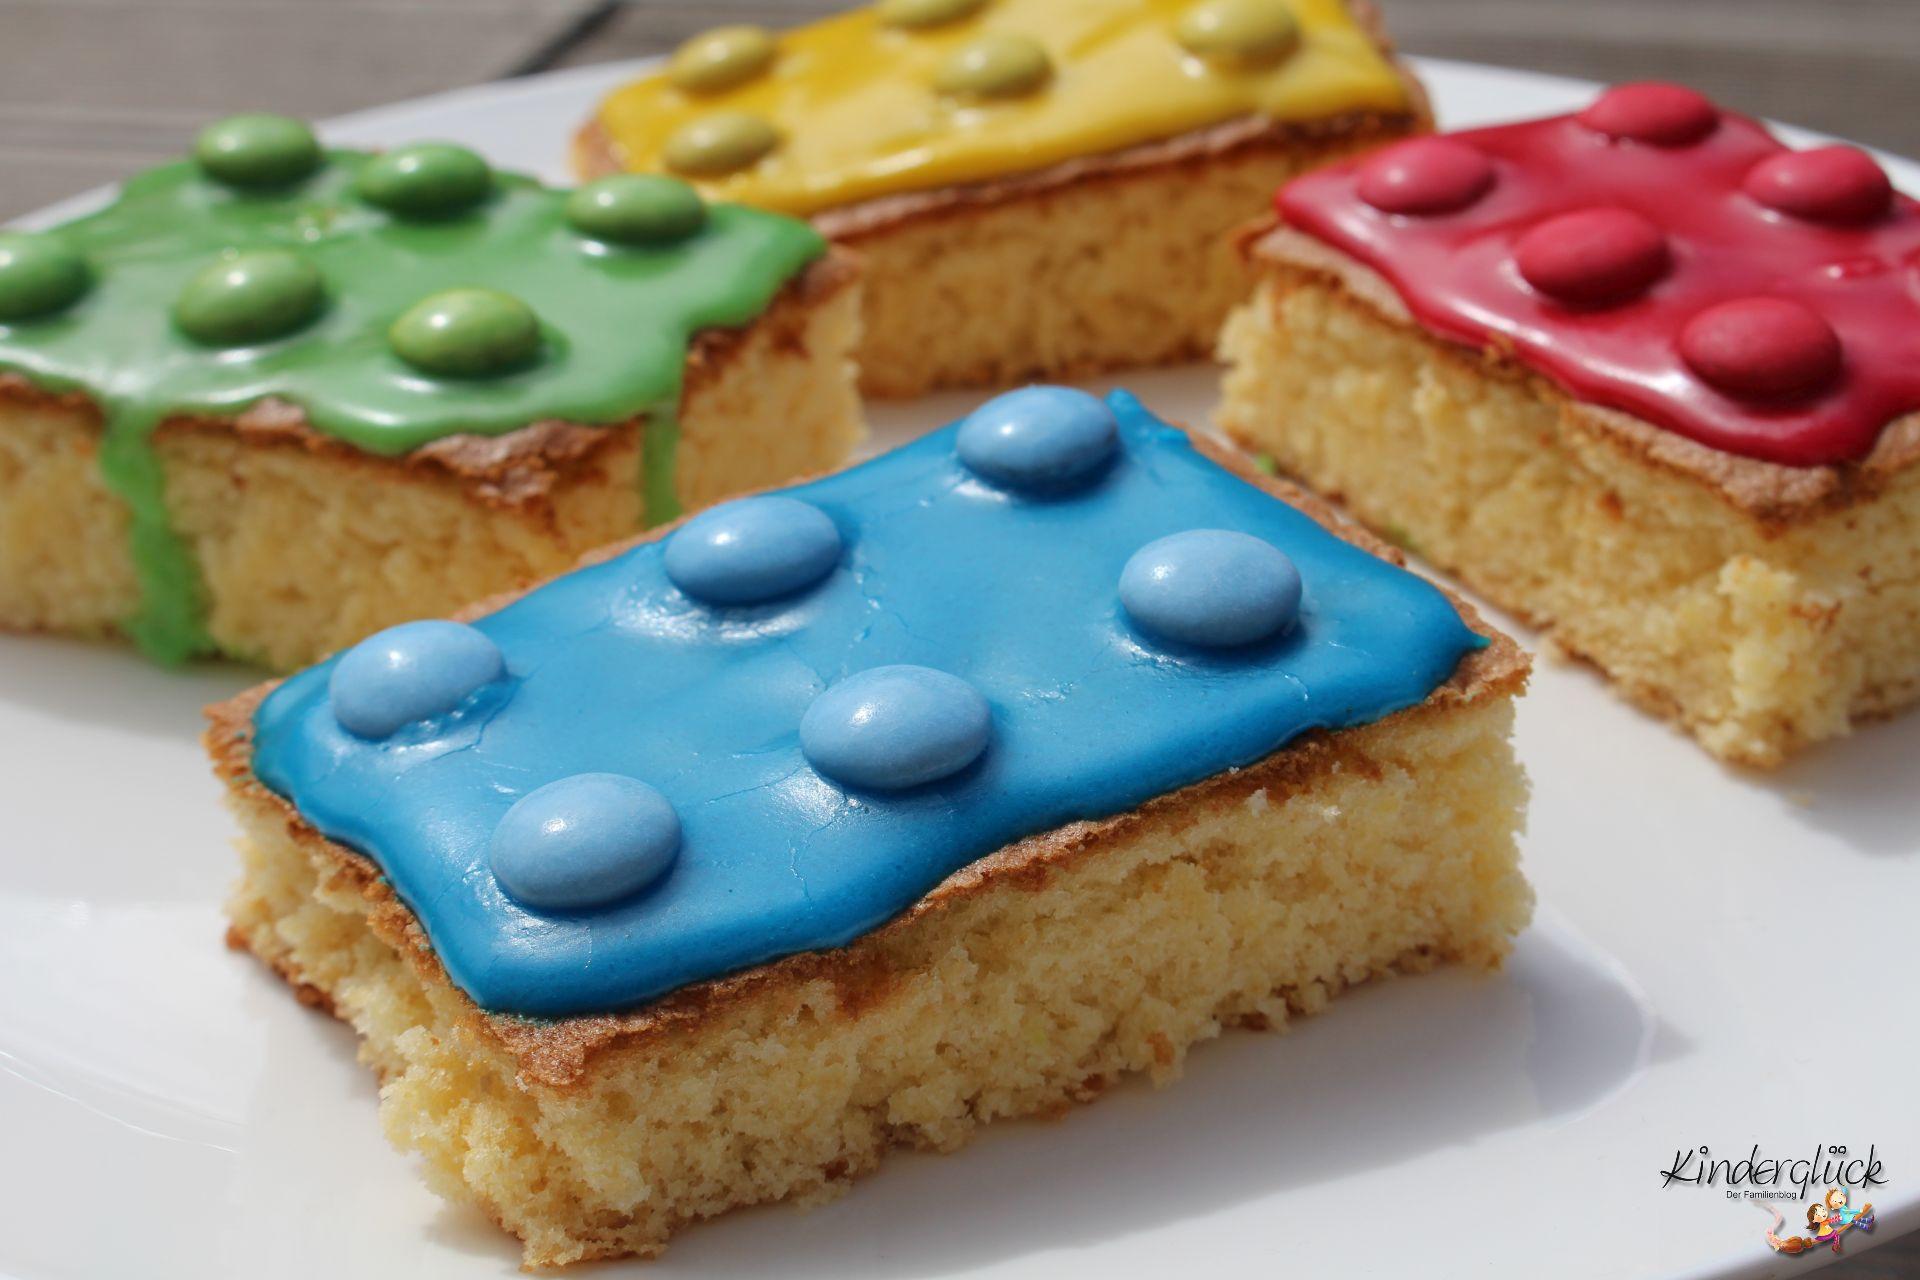 Kuchen Für Kindergeburtstag  Baustein Kuchen für den Kindergeburtstag • Kinderglück